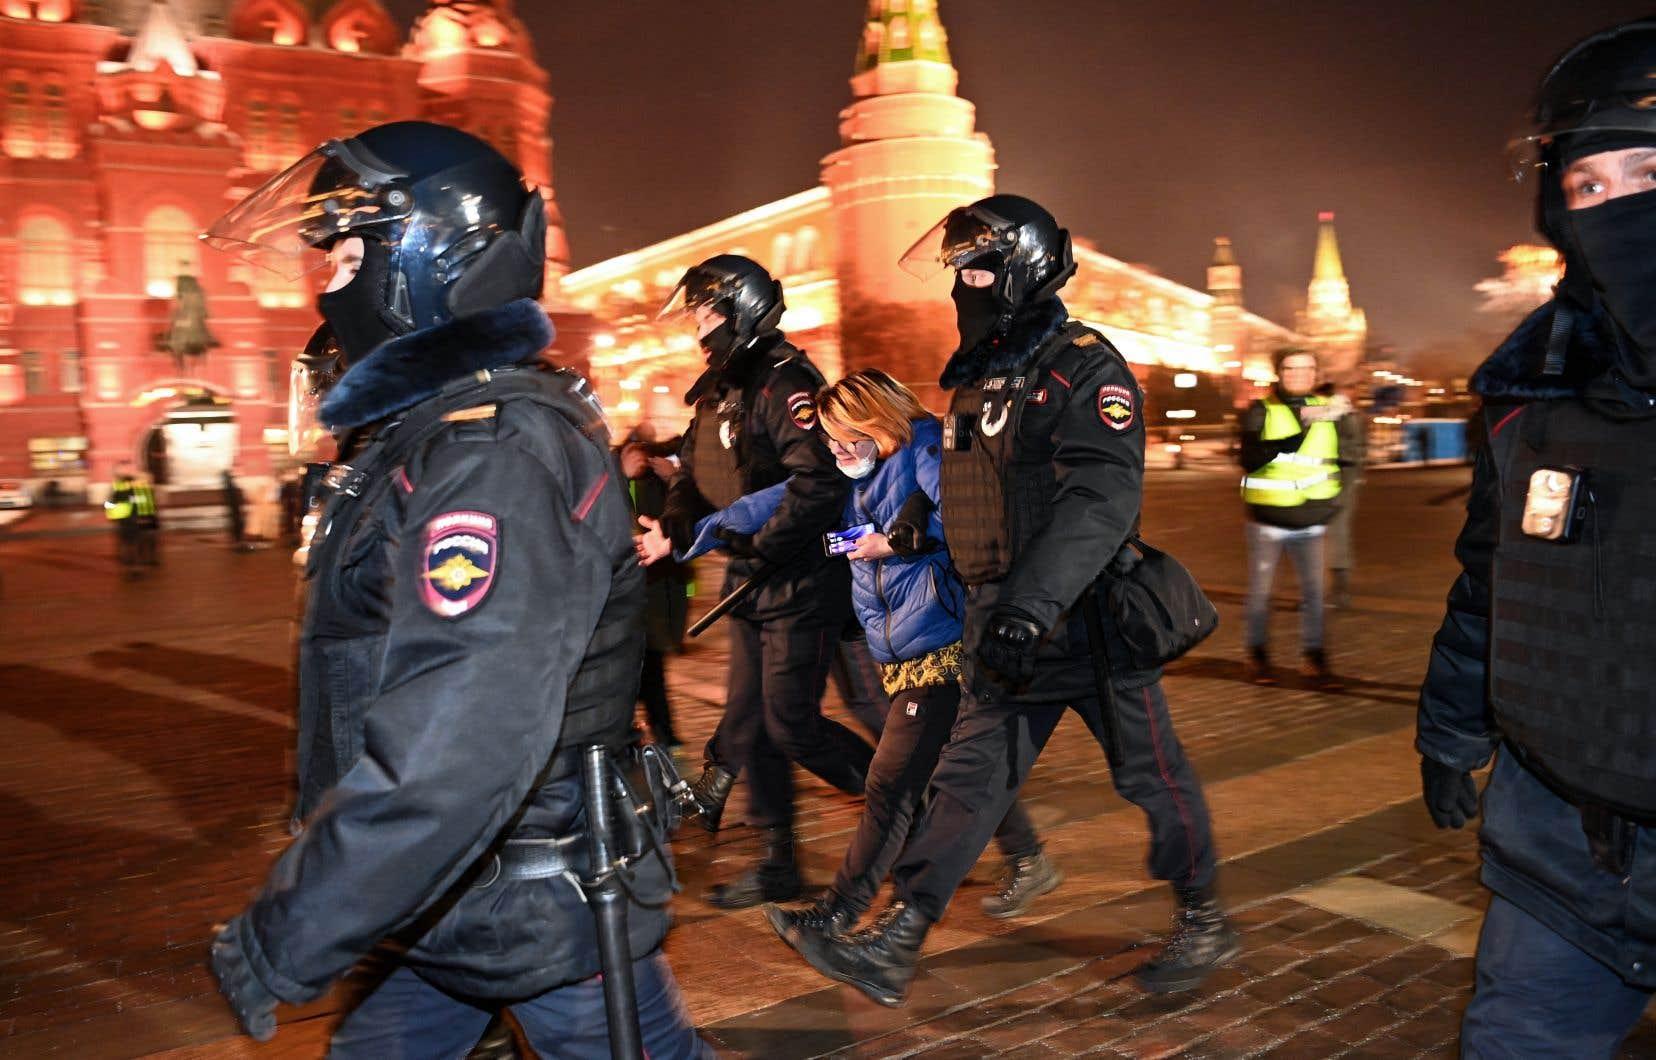 Si une chute du régime se dessinait, Poutine pourrait être mis à l'écart et remplacé par un pouvoir autrement plus répressif.